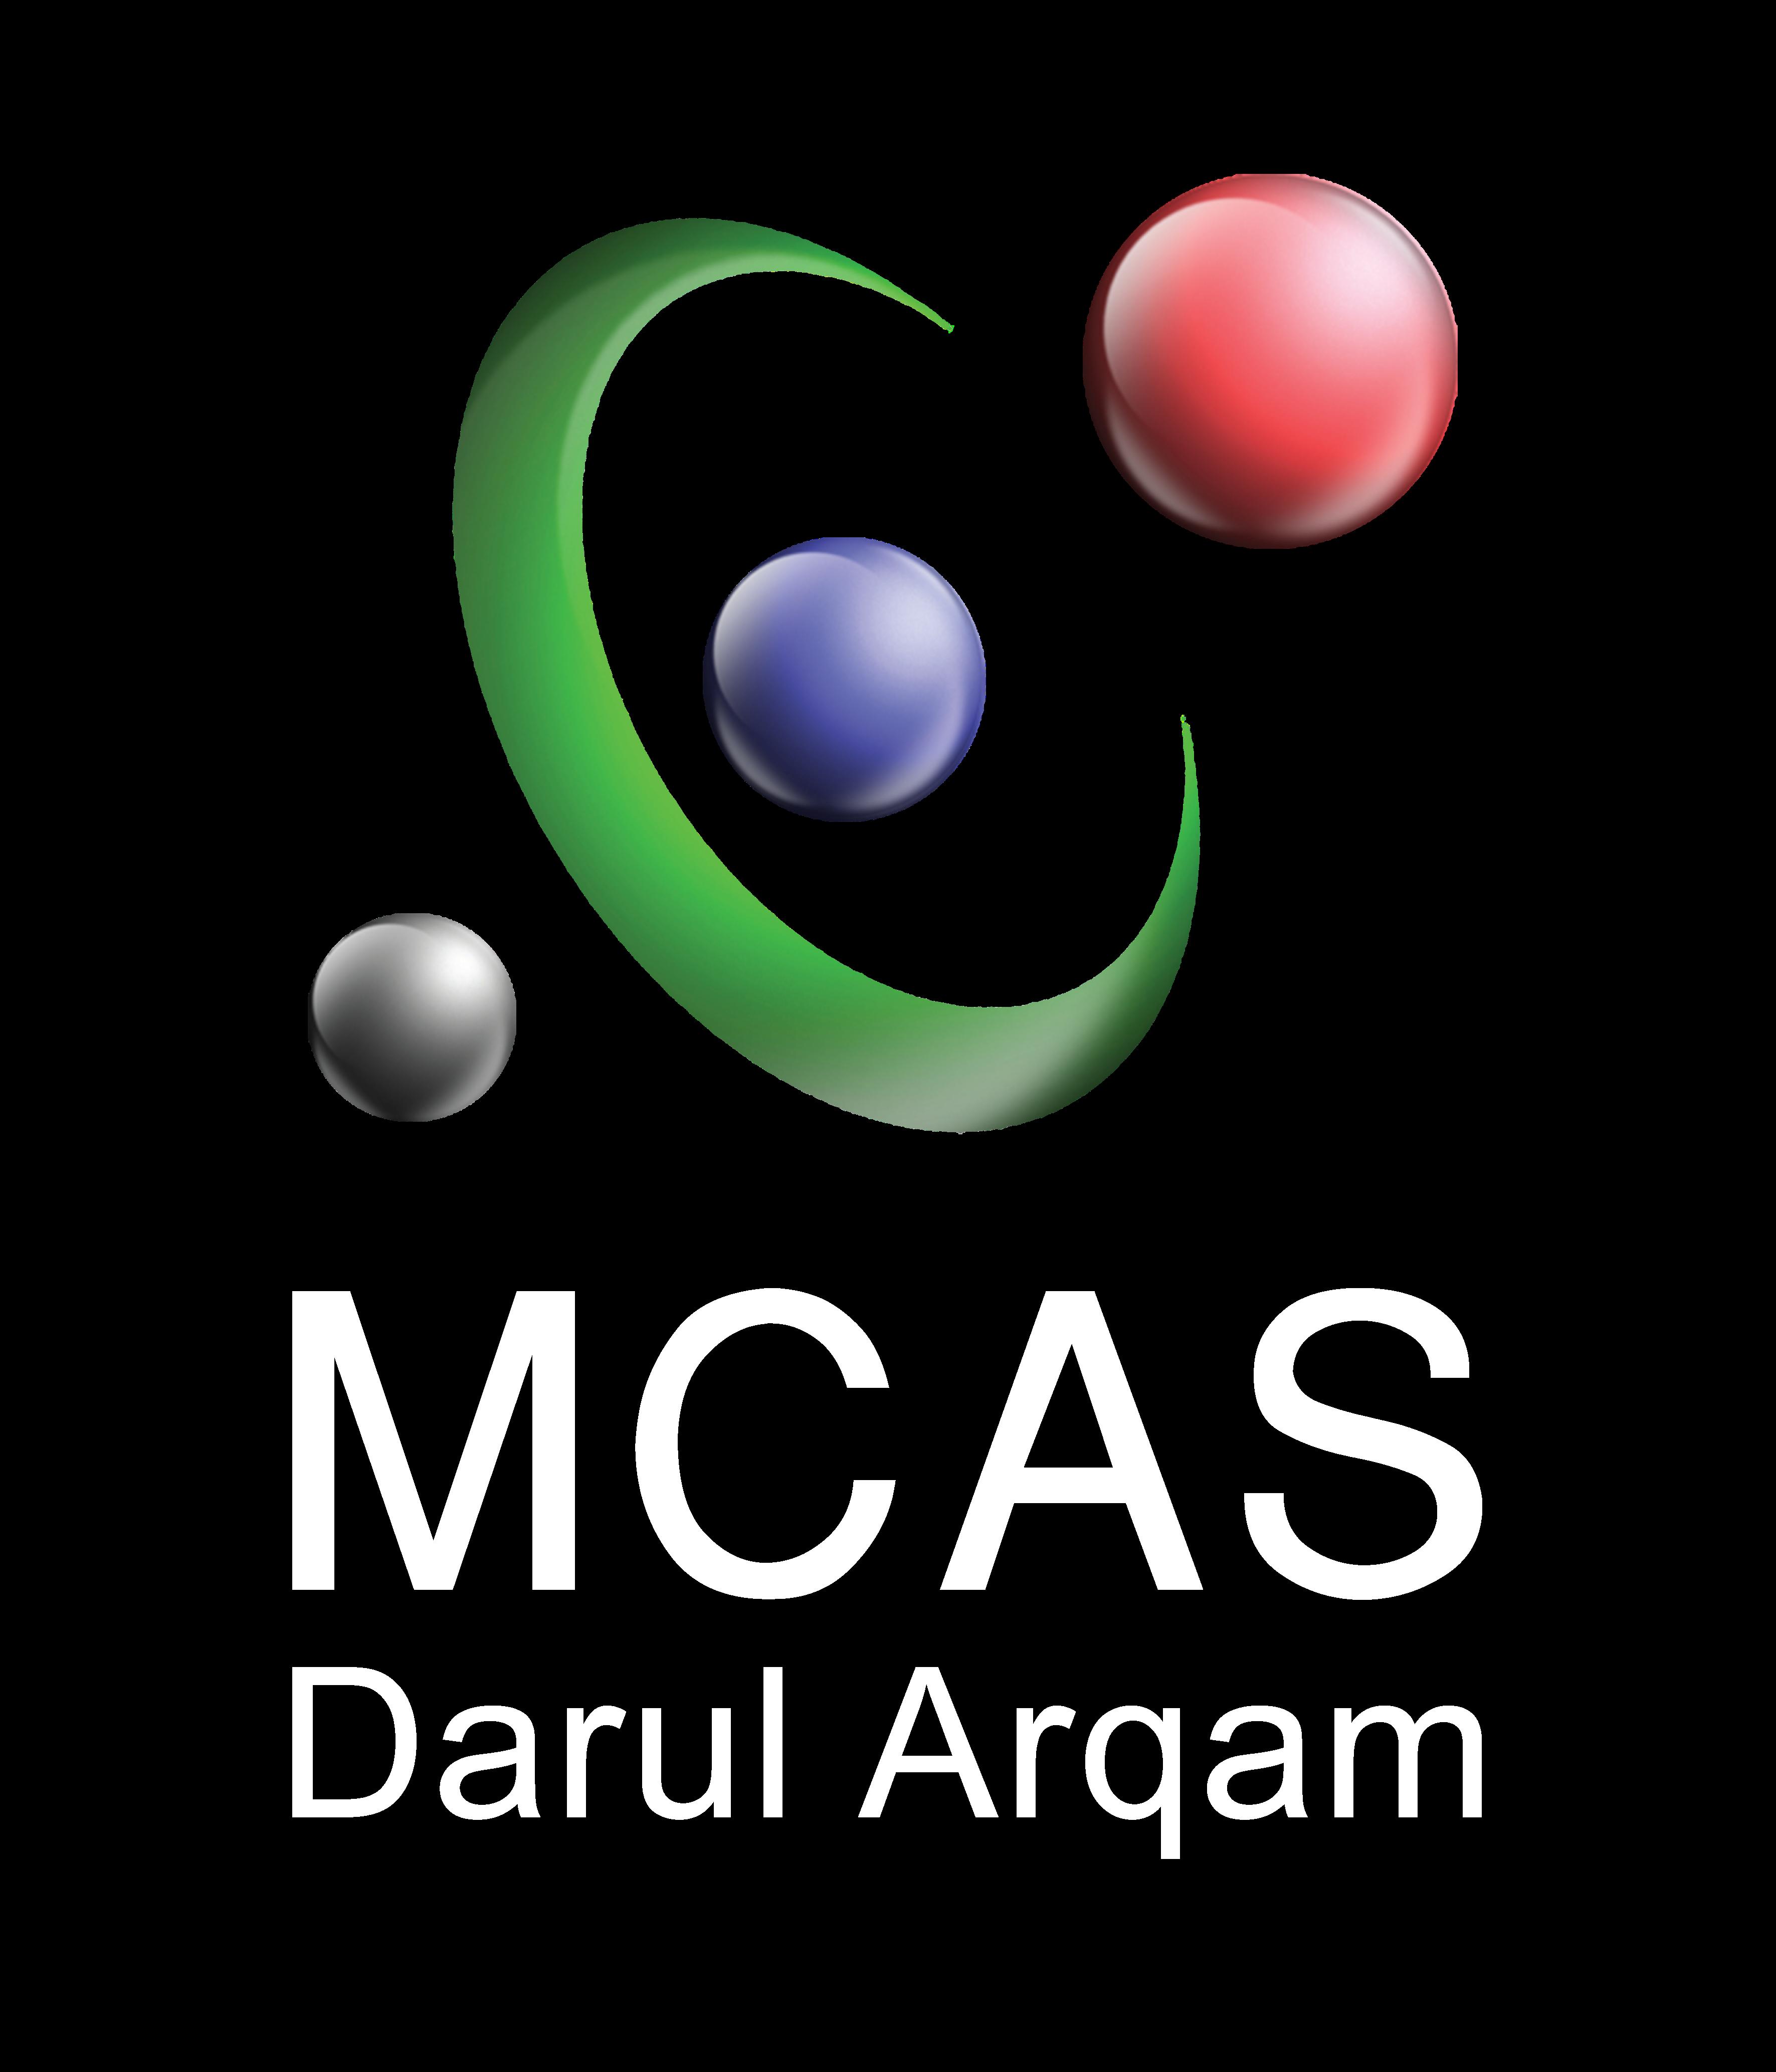 mcas-logo-whitetext